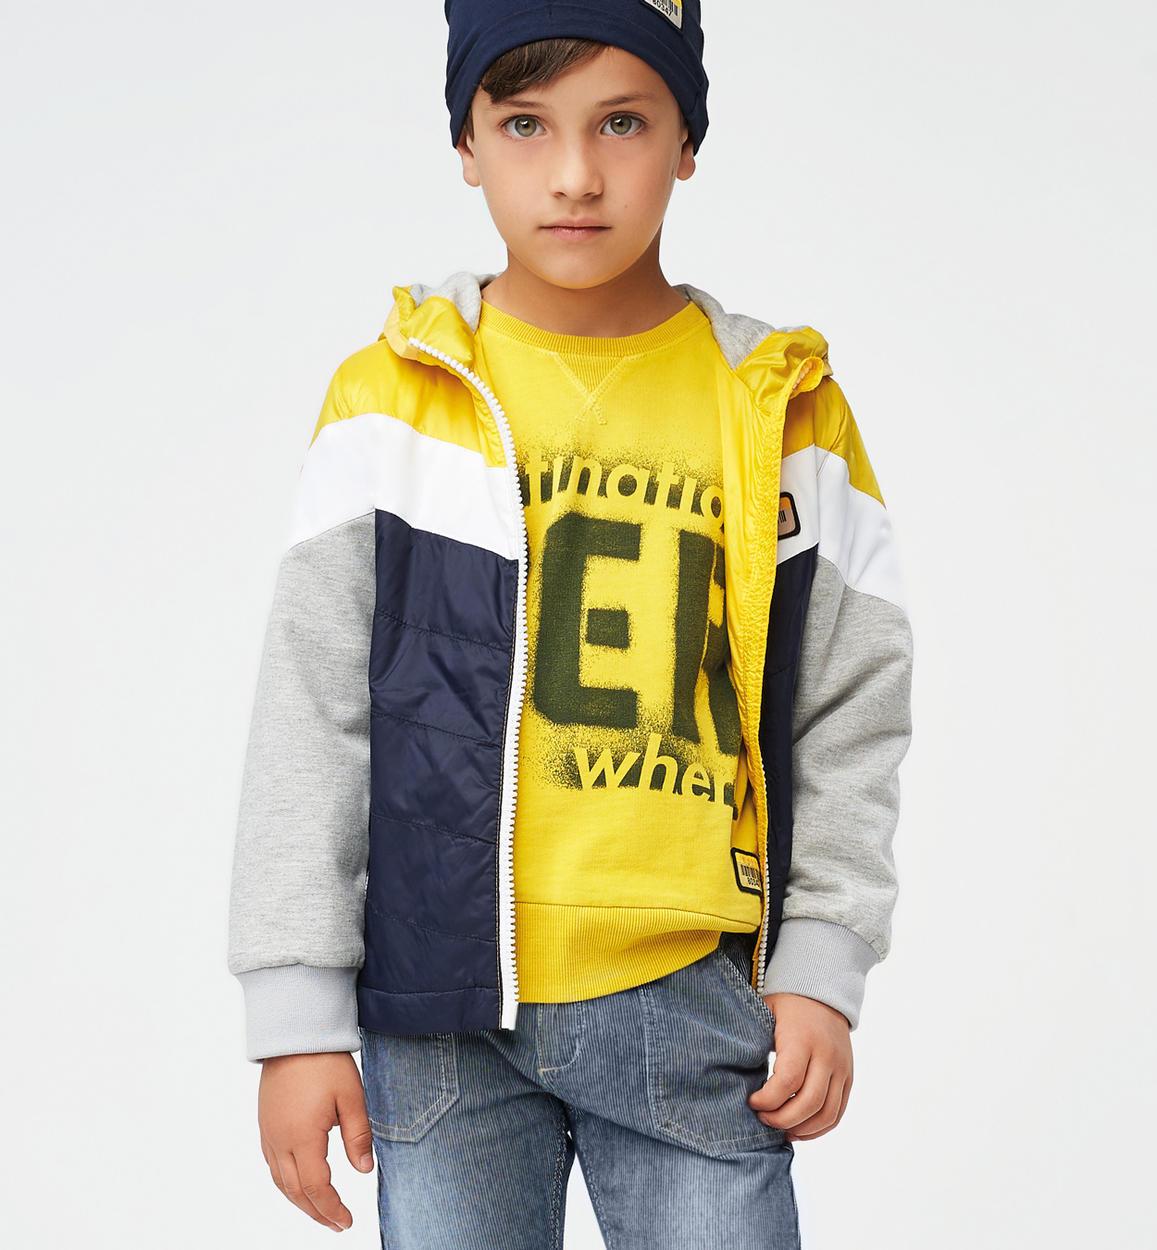 particolare giubbotto in nylon con manic giallo fronte 01 2744j46400 1446 150x150